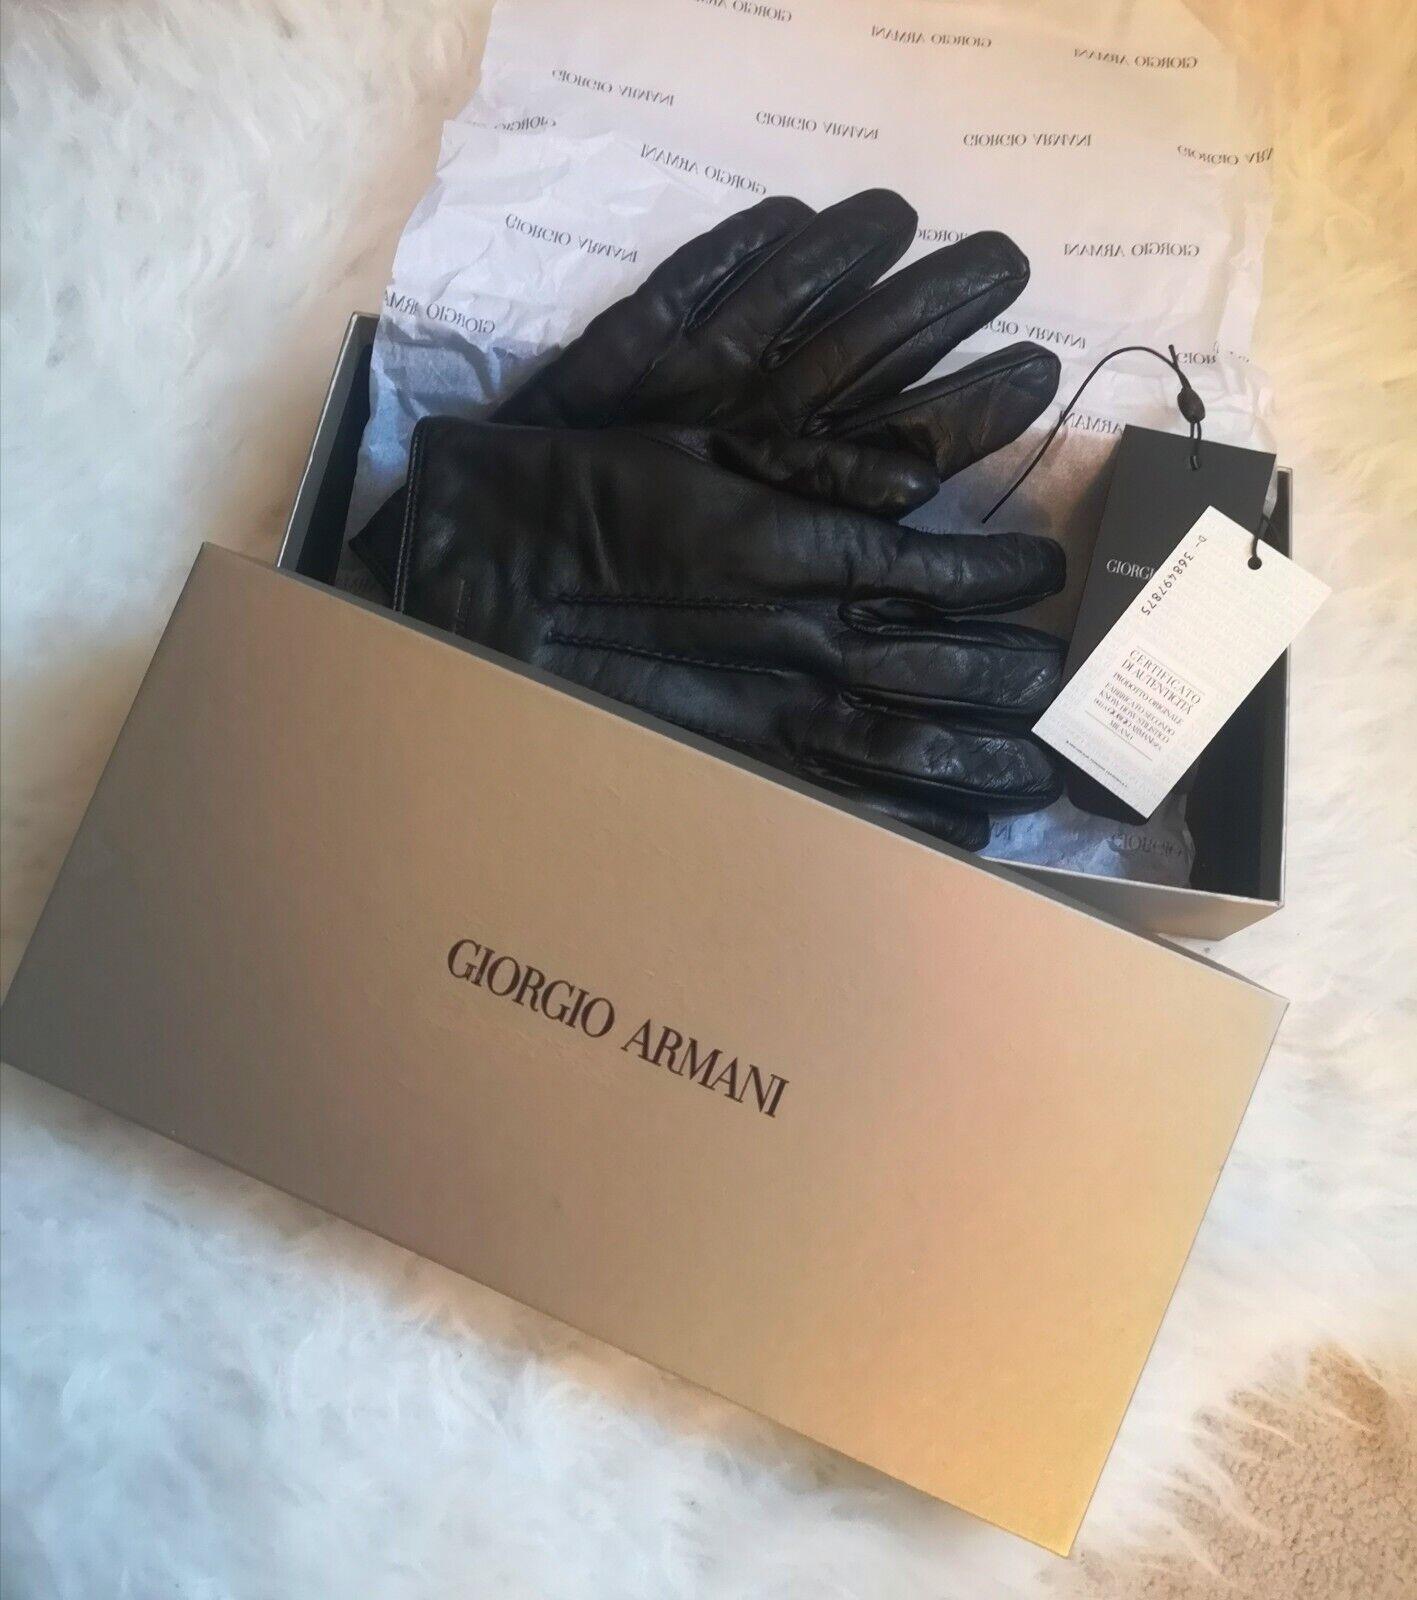 Giorgio Armani Nappa Leather Cashmere Lining Men's Gloves Size M